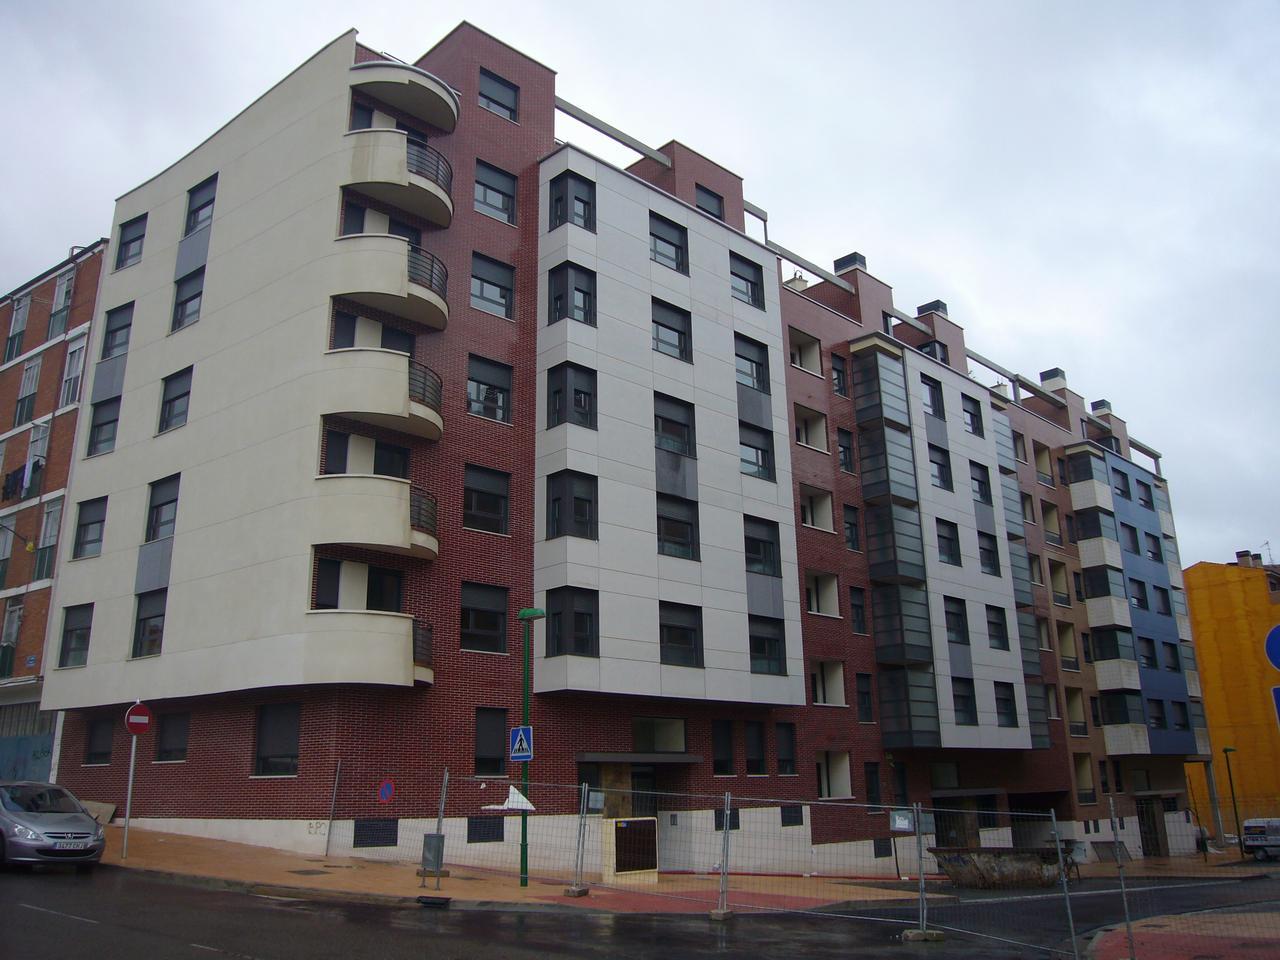 Bloque Burgos 02